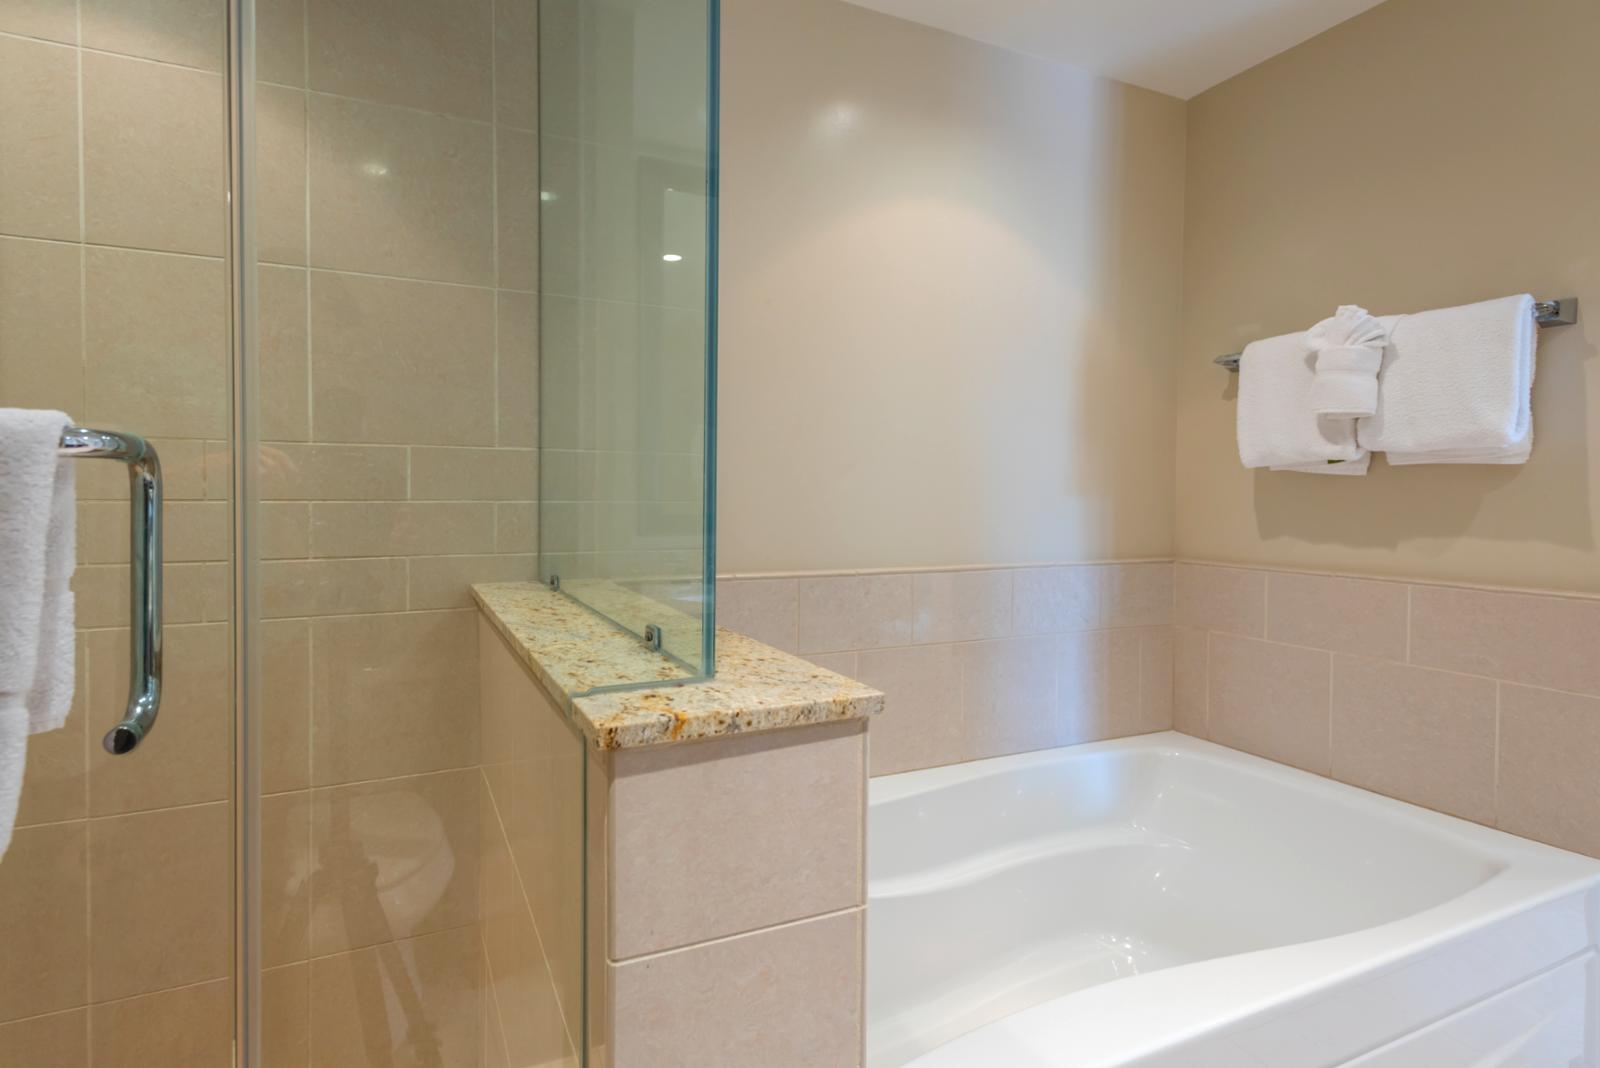 Alternate angle showing LARGE soaking tub